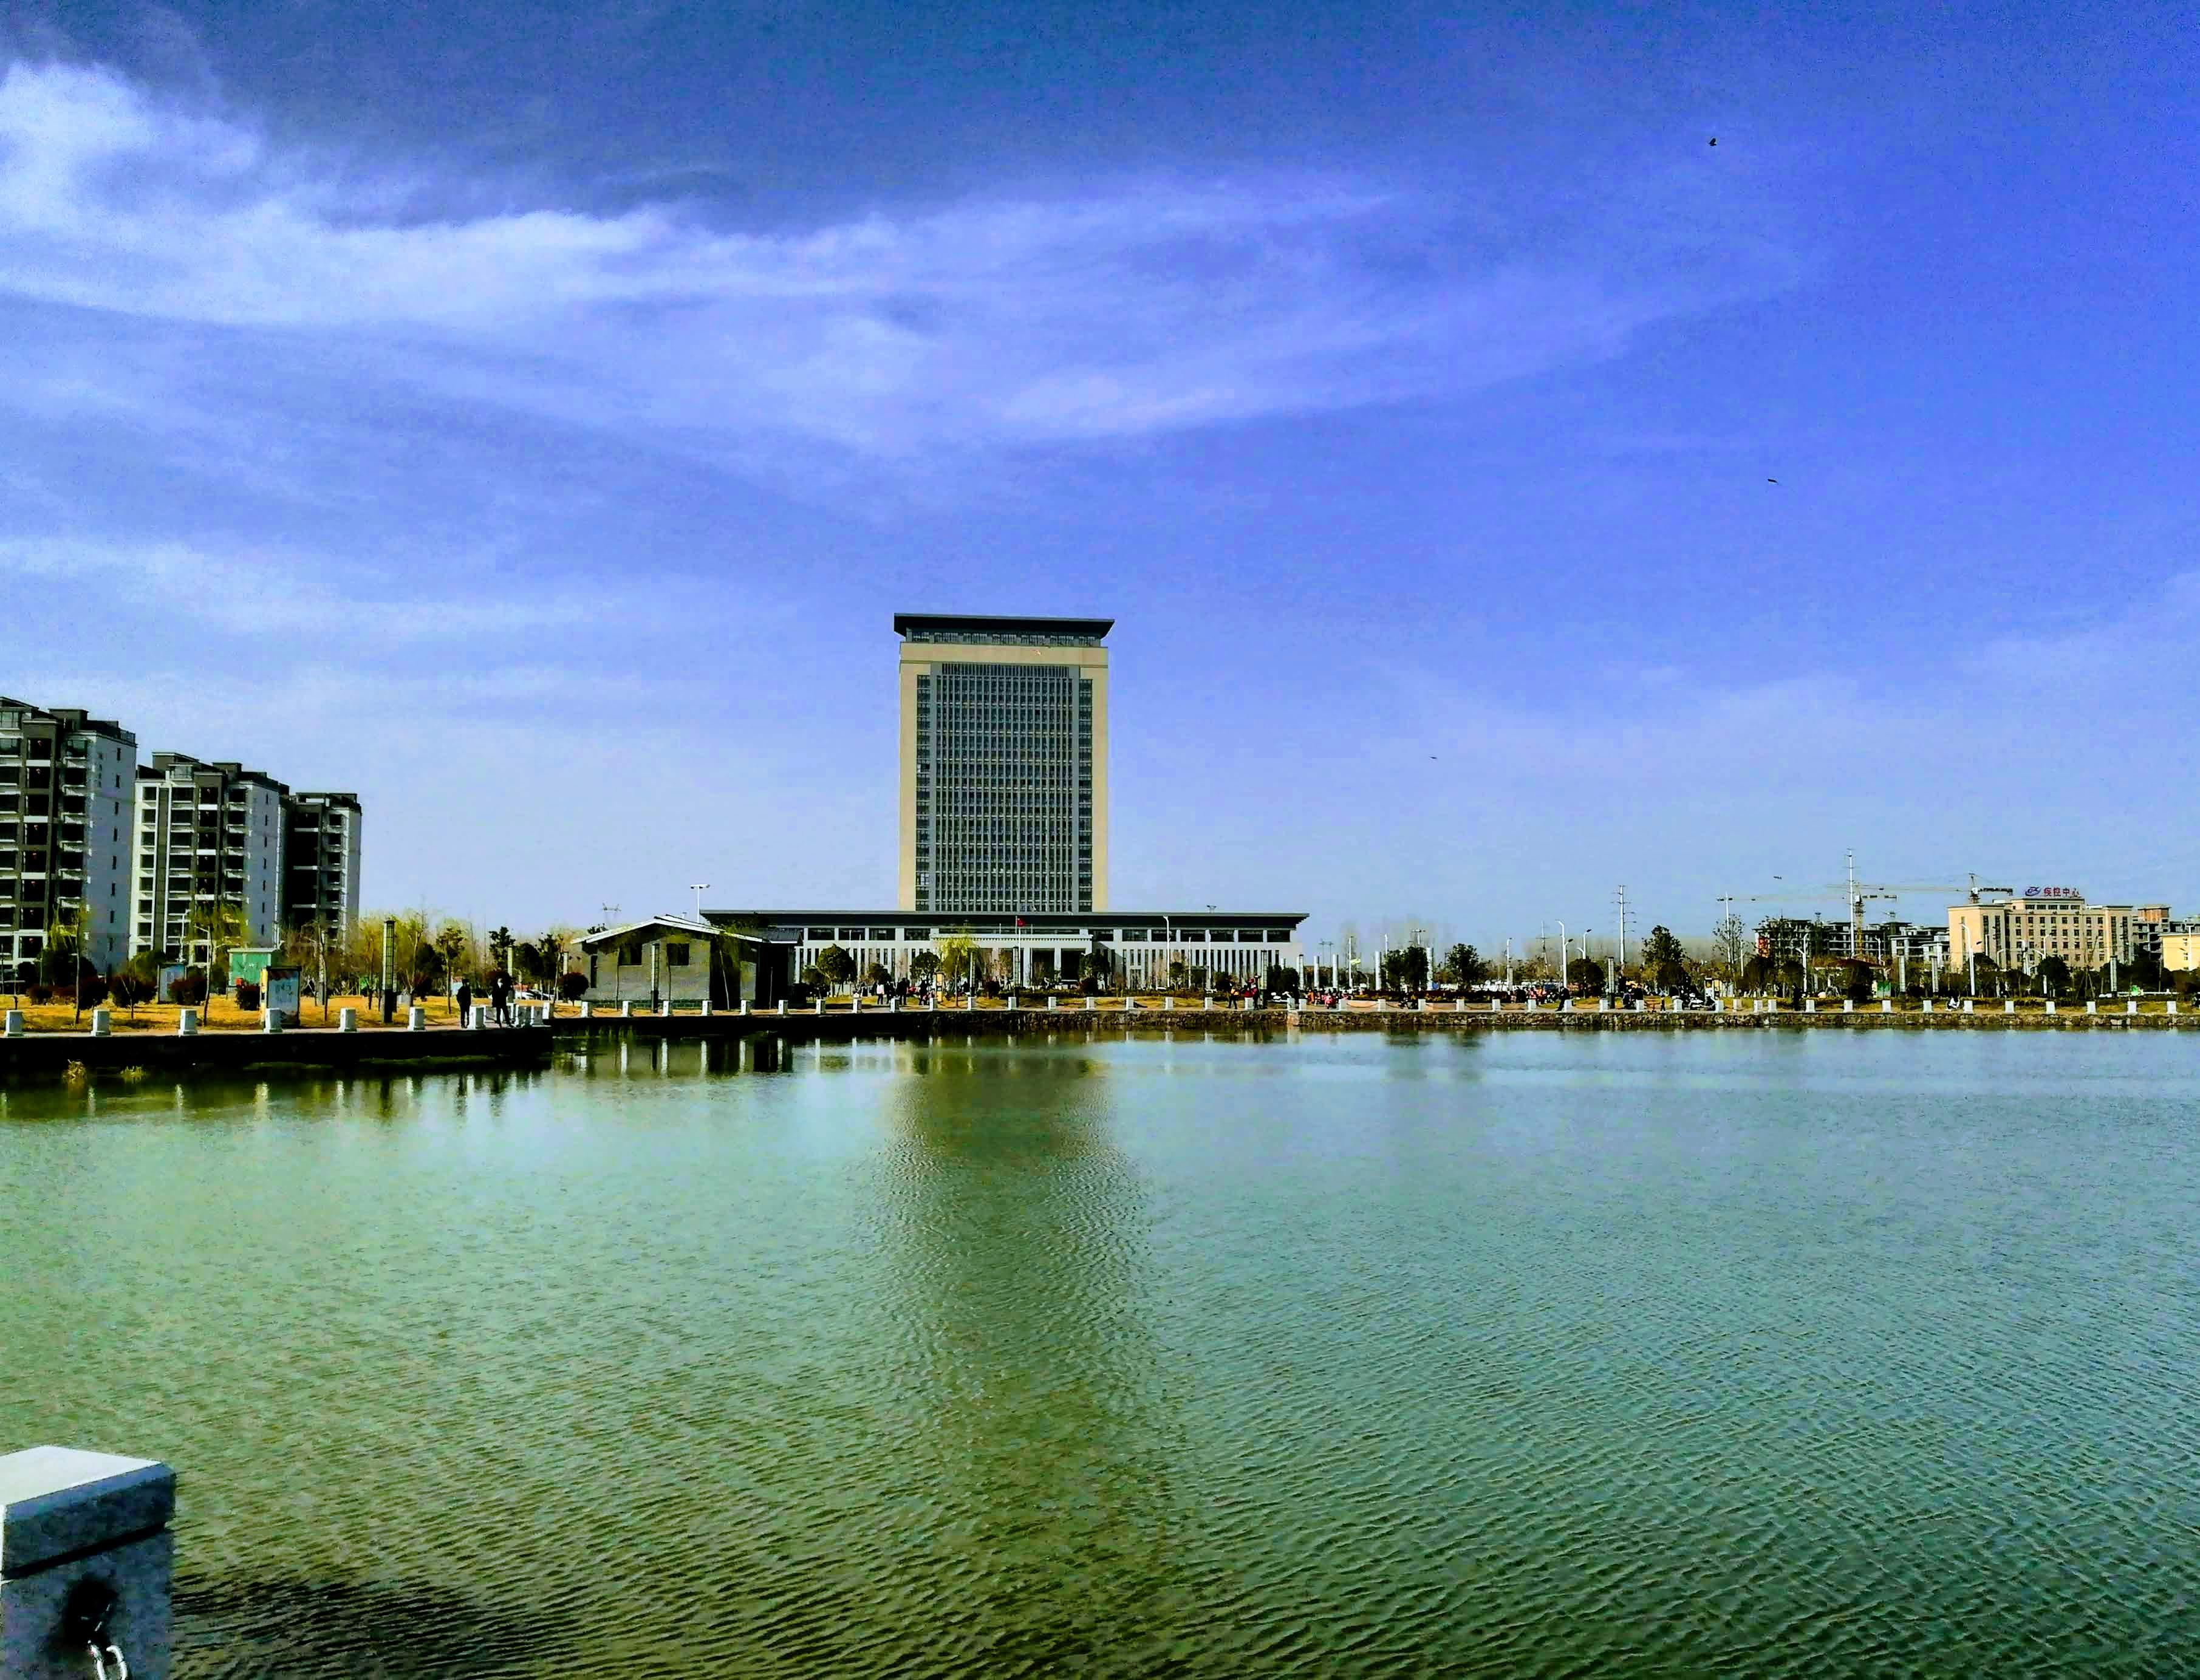 地方政府楼(智能的谷歌相册风格化效果)